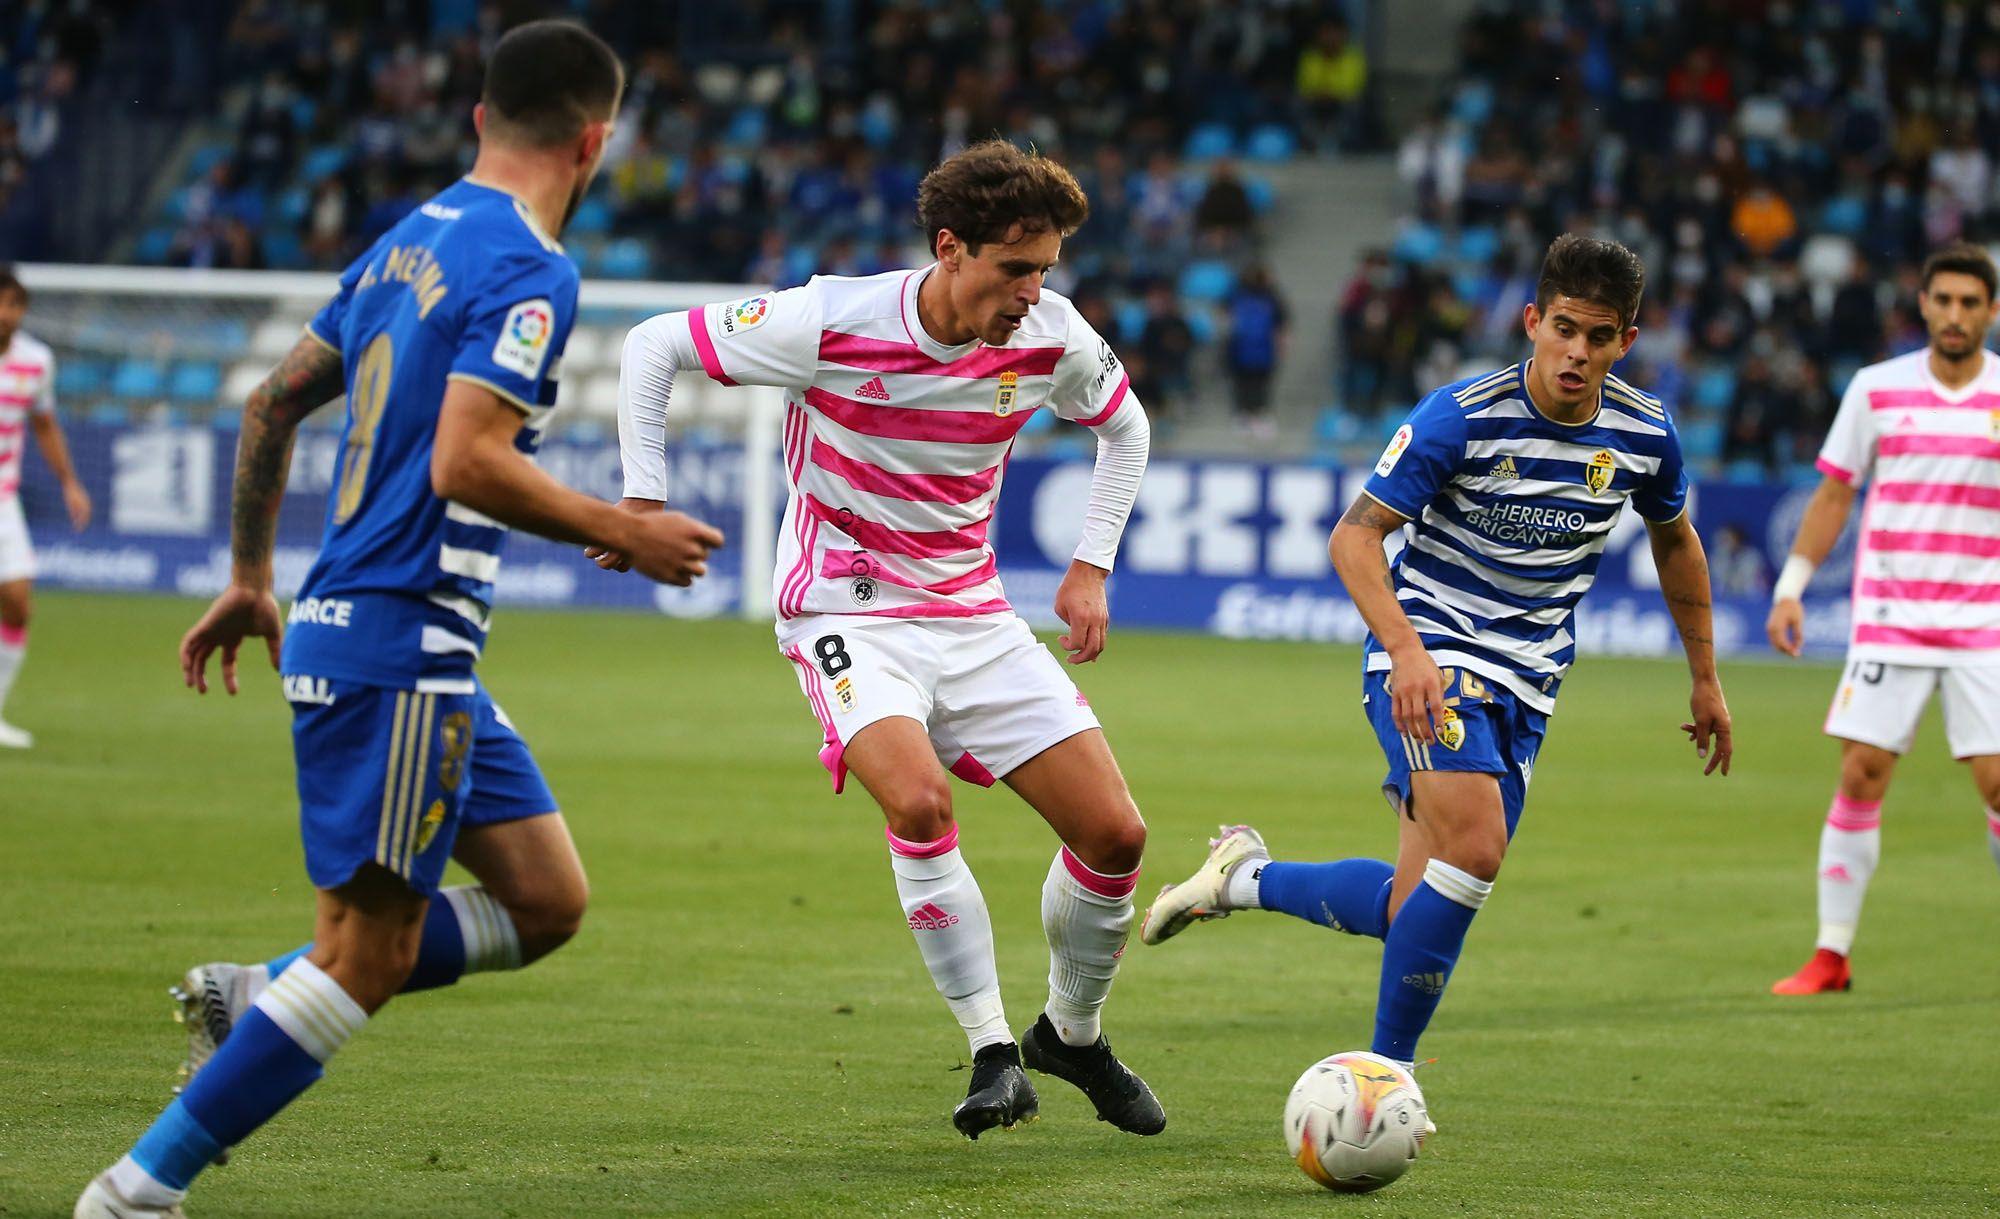 Las imágenes del partido del Oviedo